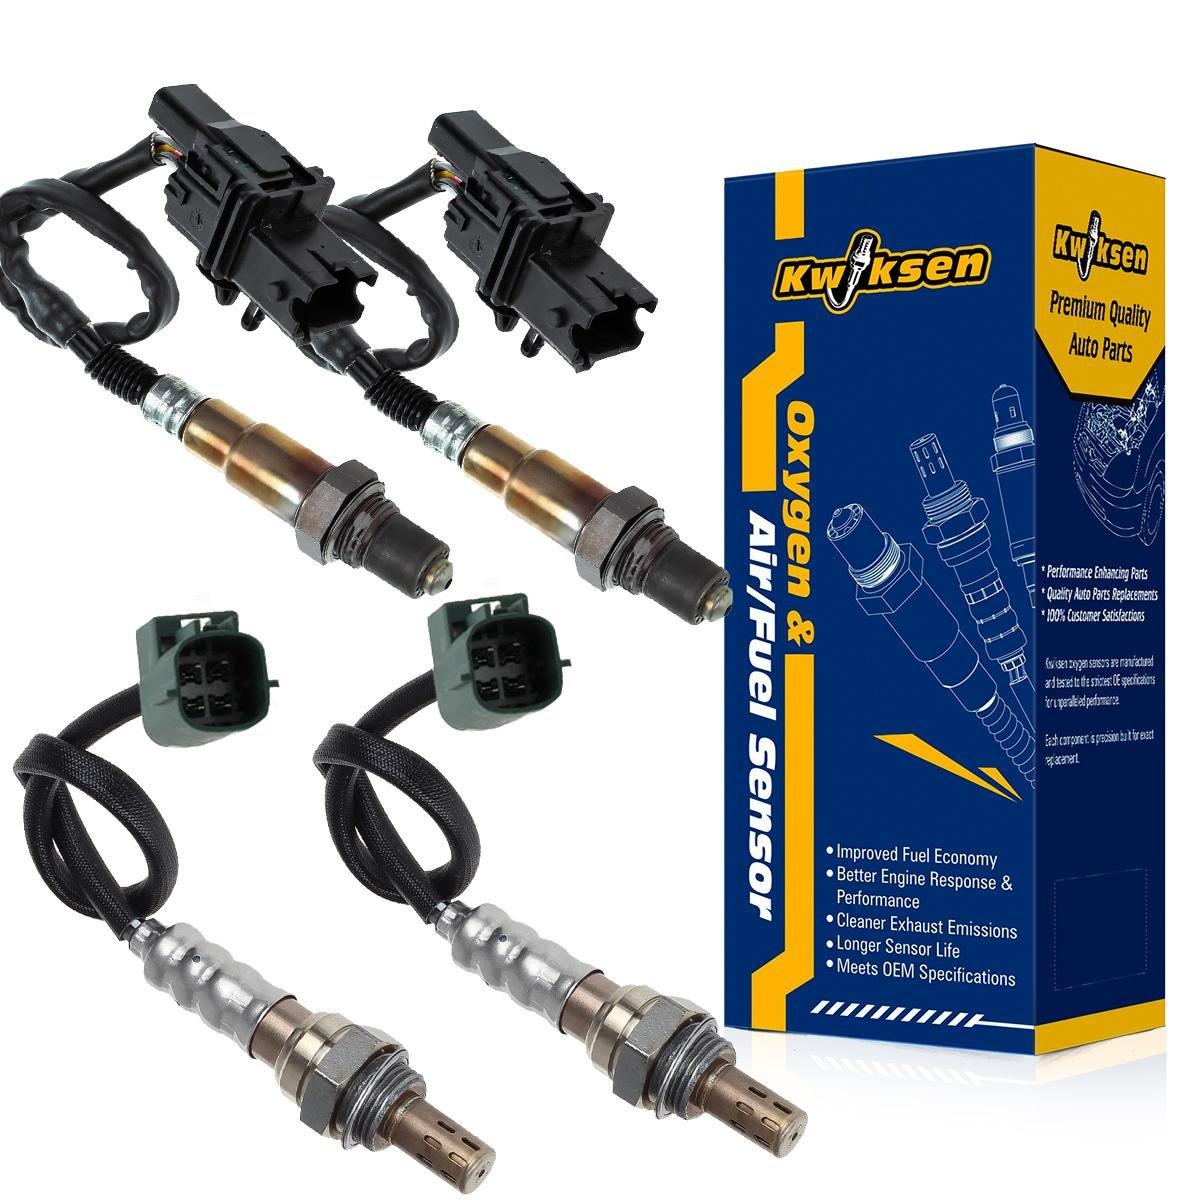 kwiksen heated 4pcs air fuel ratio o2 oxygen sensor 1 sensor 2 upstream  downstream for 2004 2005 2006 2007 2008 nissan maxima 3 5l manual trans  234-5060